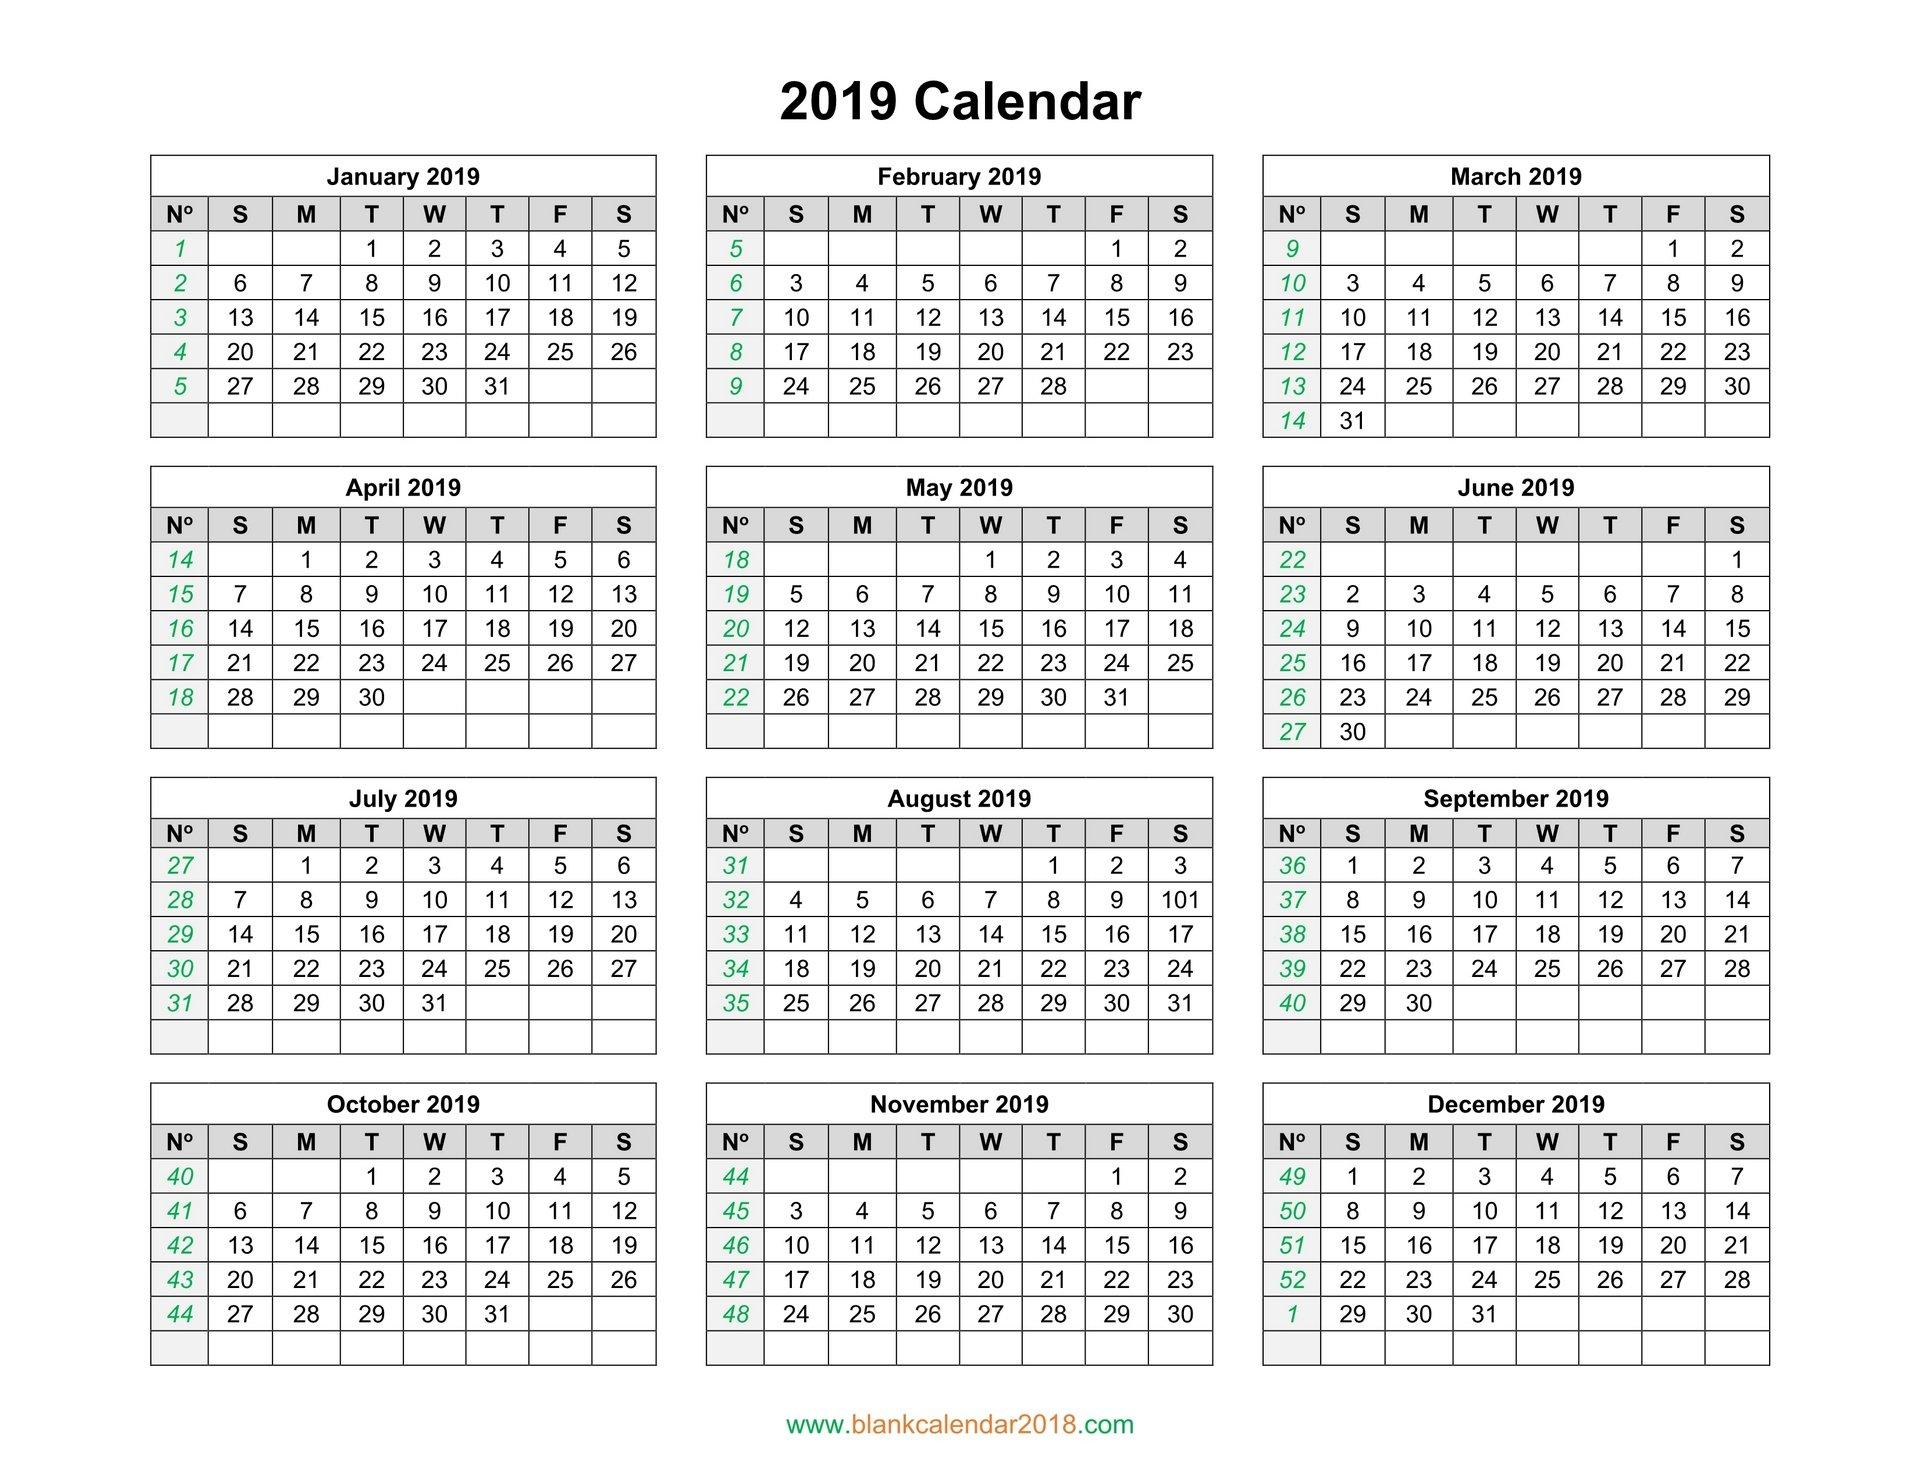 Blank Calendar 2019 Calendar 2019 Numbered Weeks